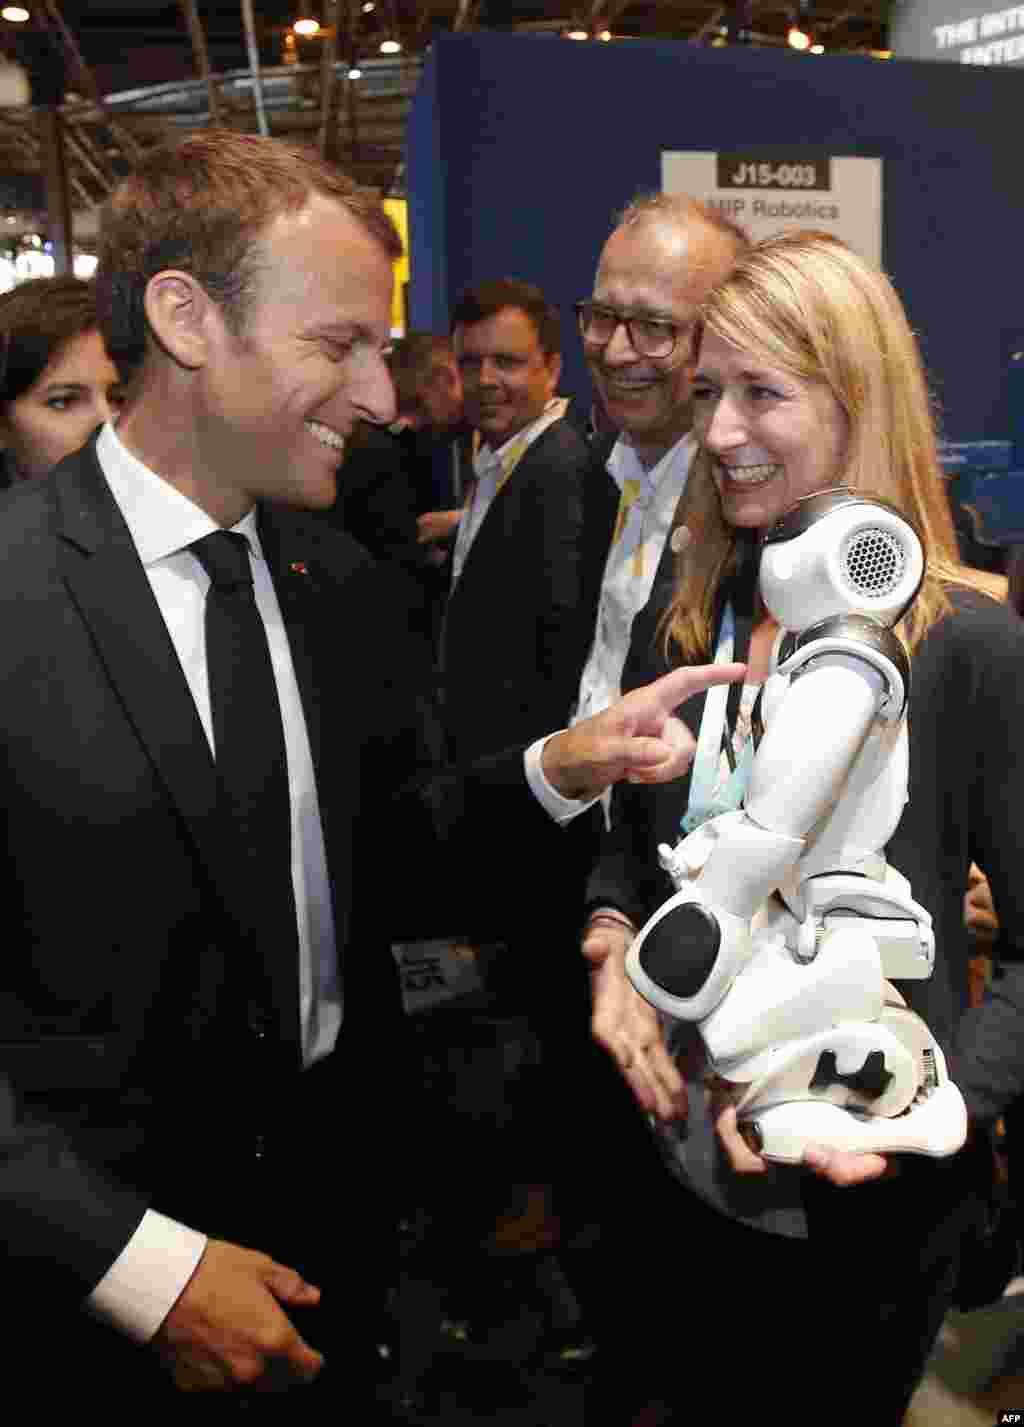 خوش و بش کردن امانوئل ماکرون، رئیس جمهوری فرانسه با این ربات در نمایشگاه آخرین دستاوردهای تکنولوژی در پاریس